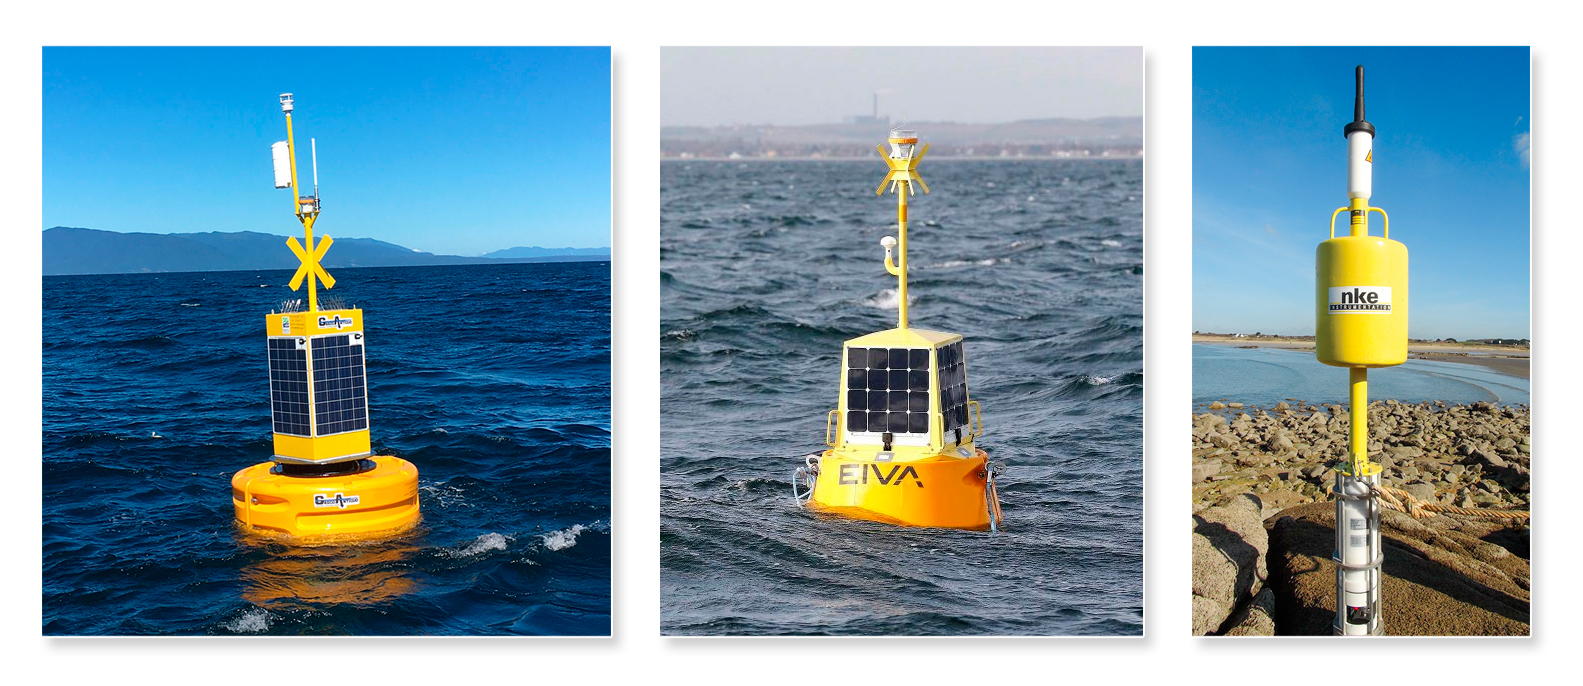 Boyas oceanográficas y sistemas de monitoreo ambiental